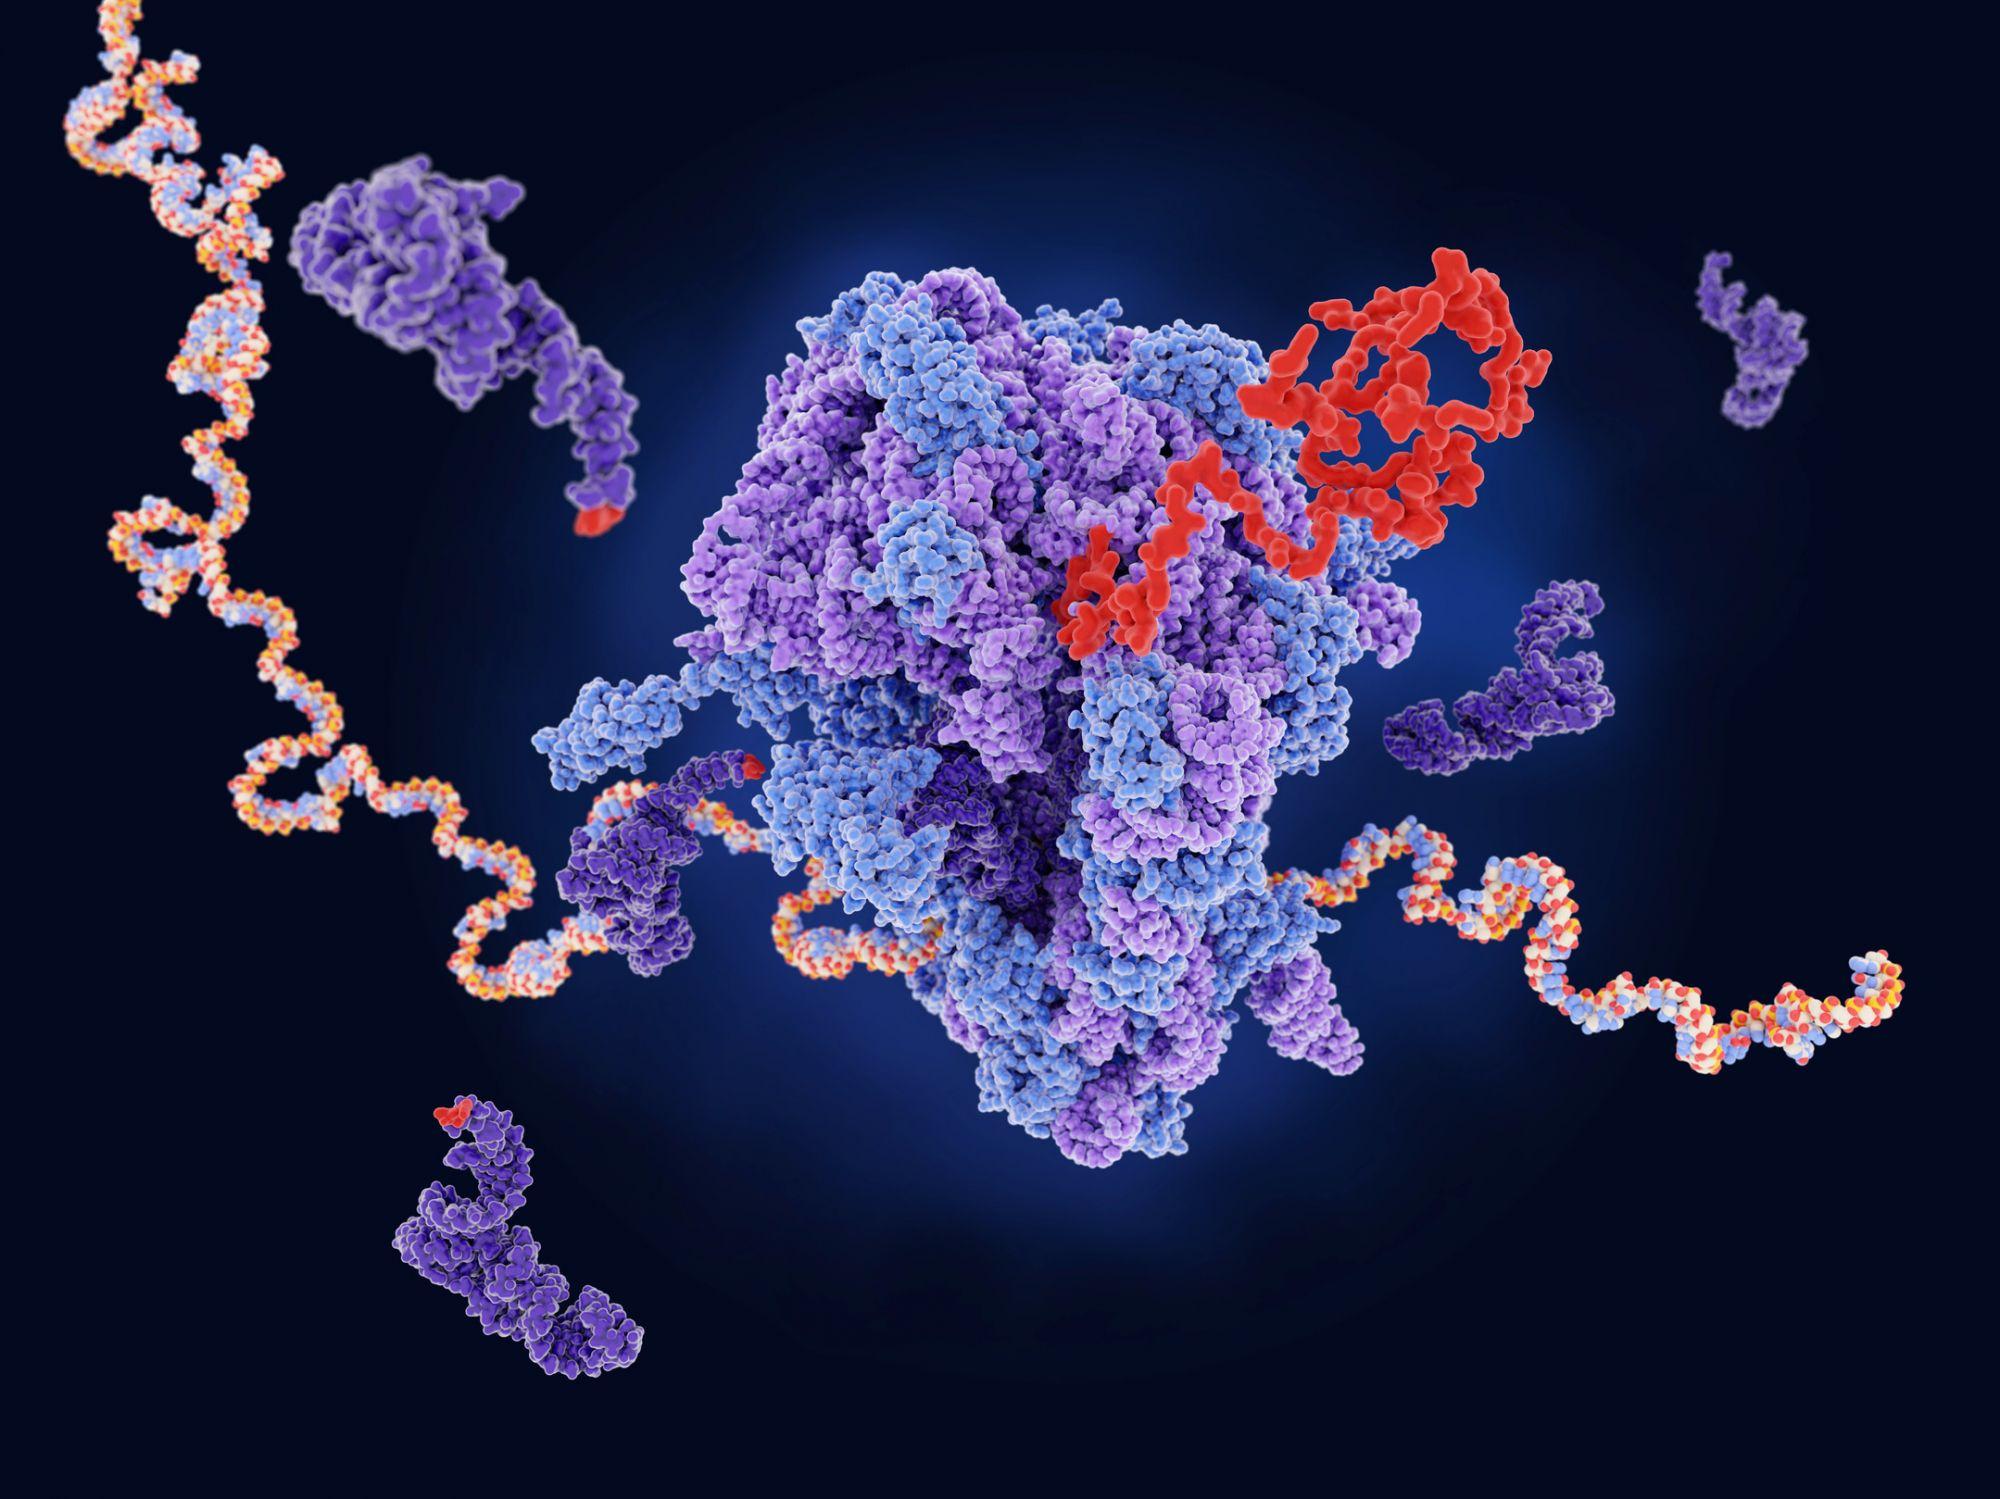 Трансляция РНК. В клетках живых организмов рибосомы (в центре) производят белки (красный) по «рецепту», который считывают с ДНК или РНК (цветная цепочка)